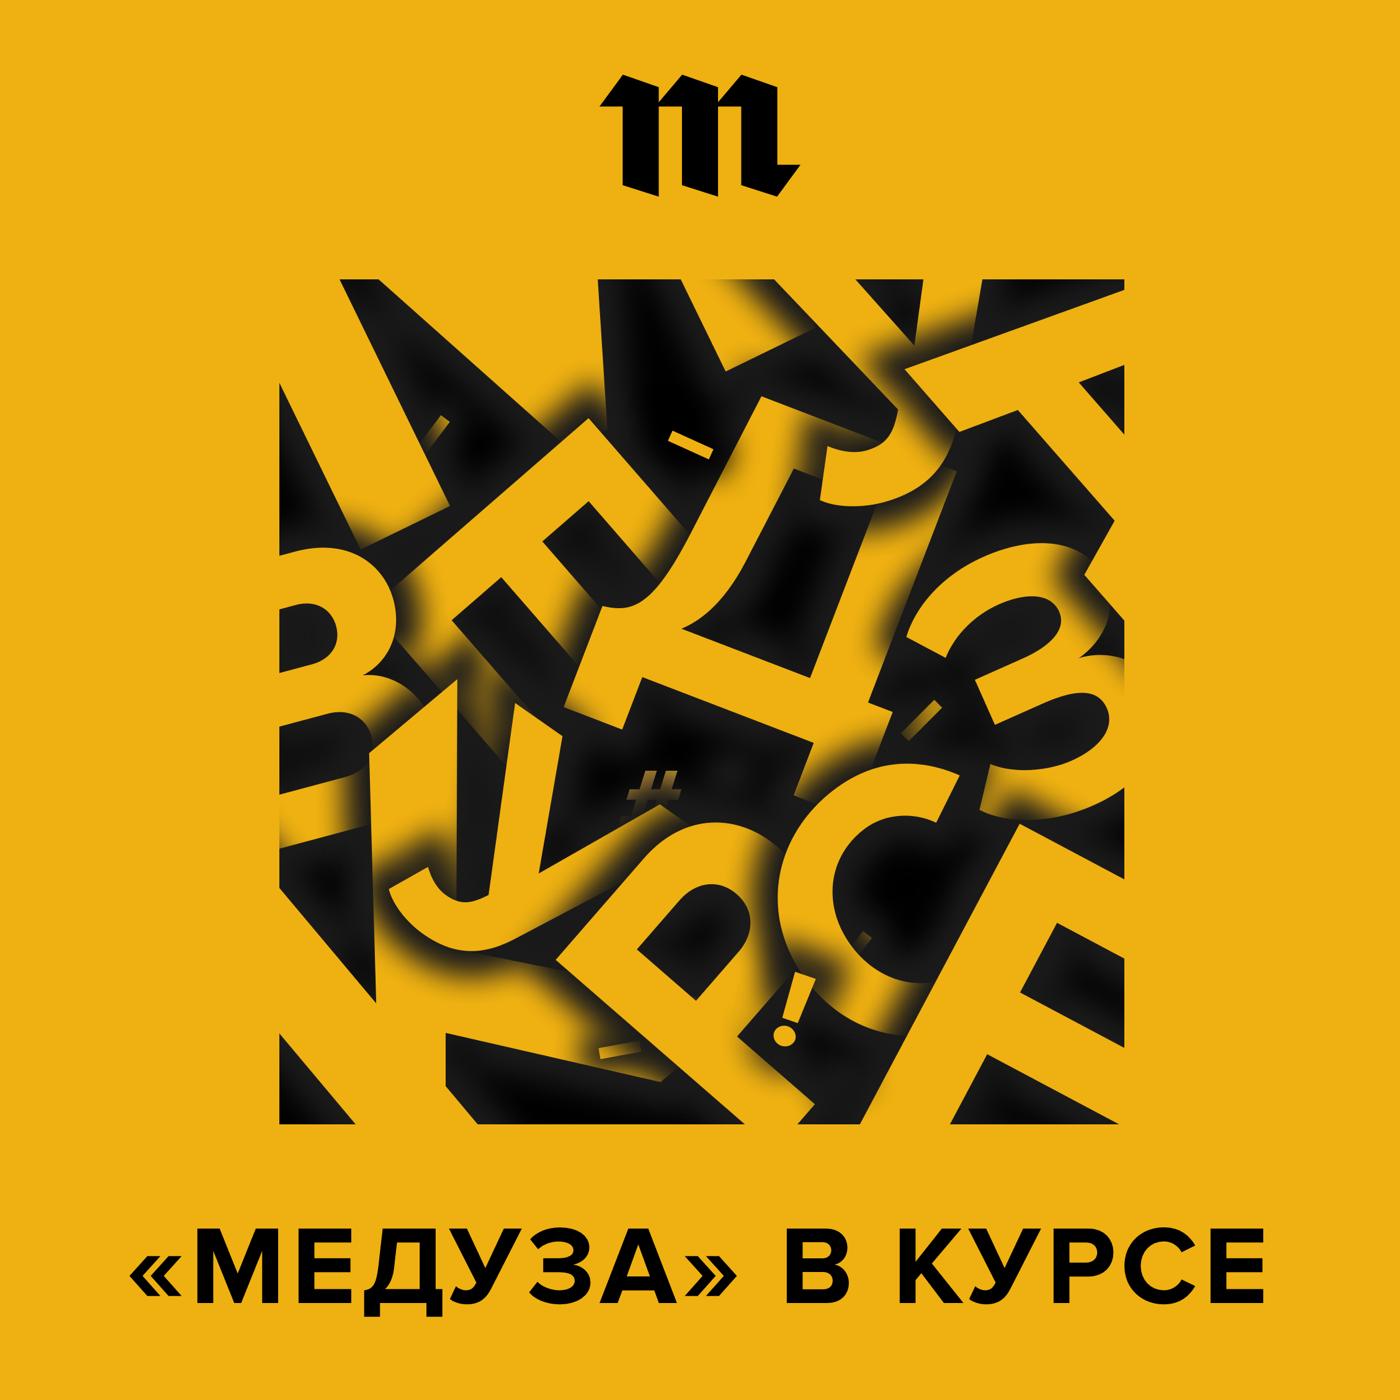 Алексей Пономарев Гравитация, Мединский и«Крым» видео фильм крым